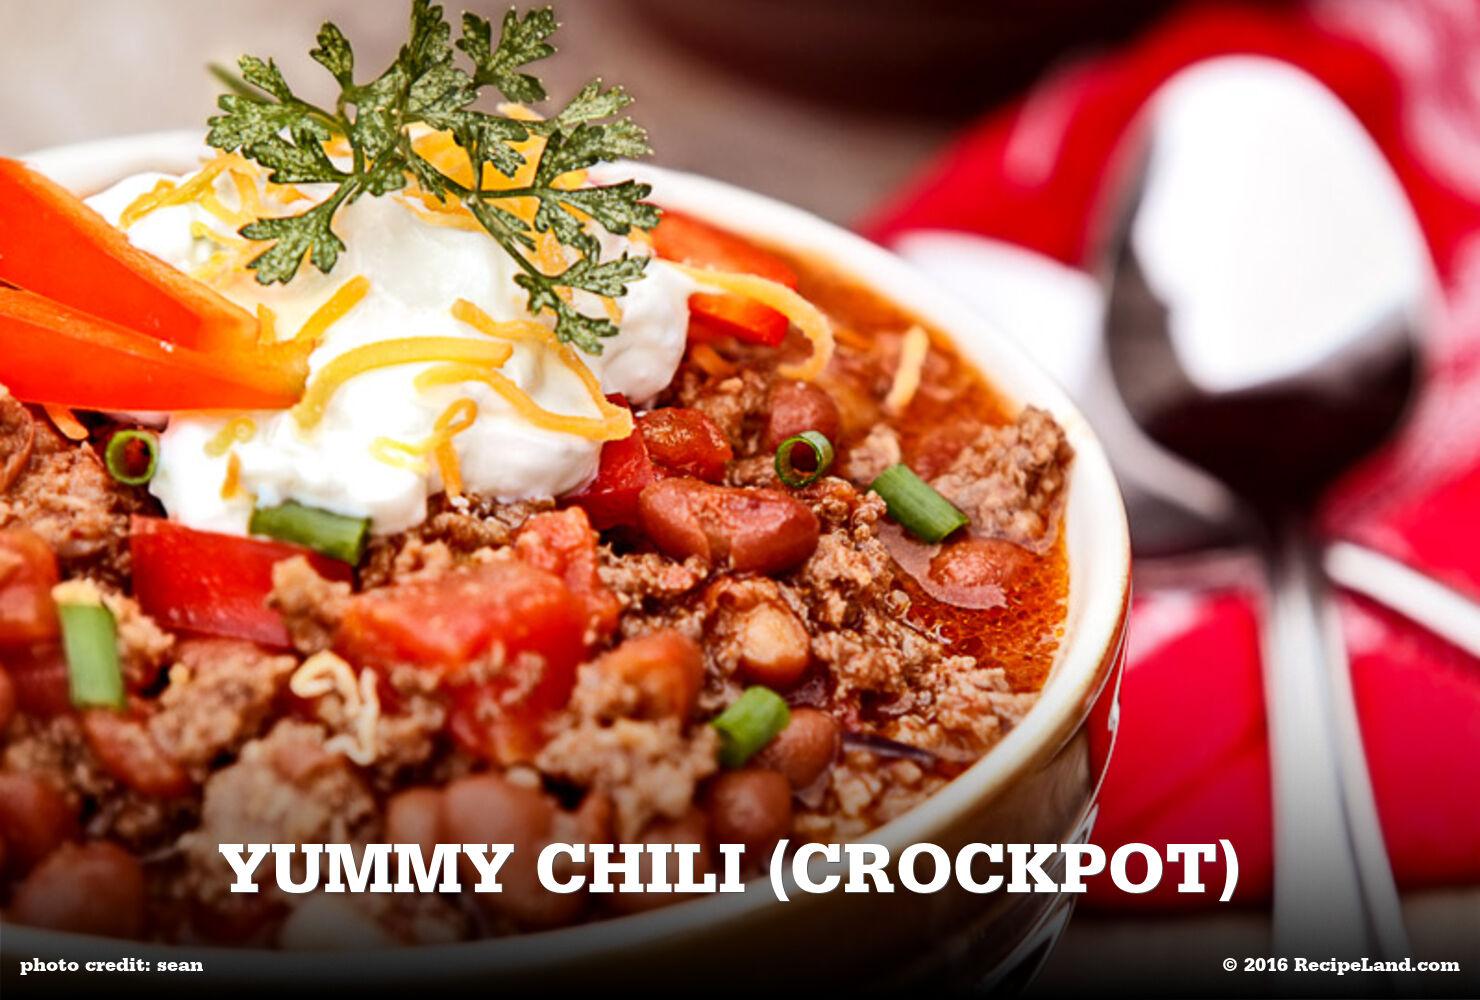 Yummy Chili (Crockpot)